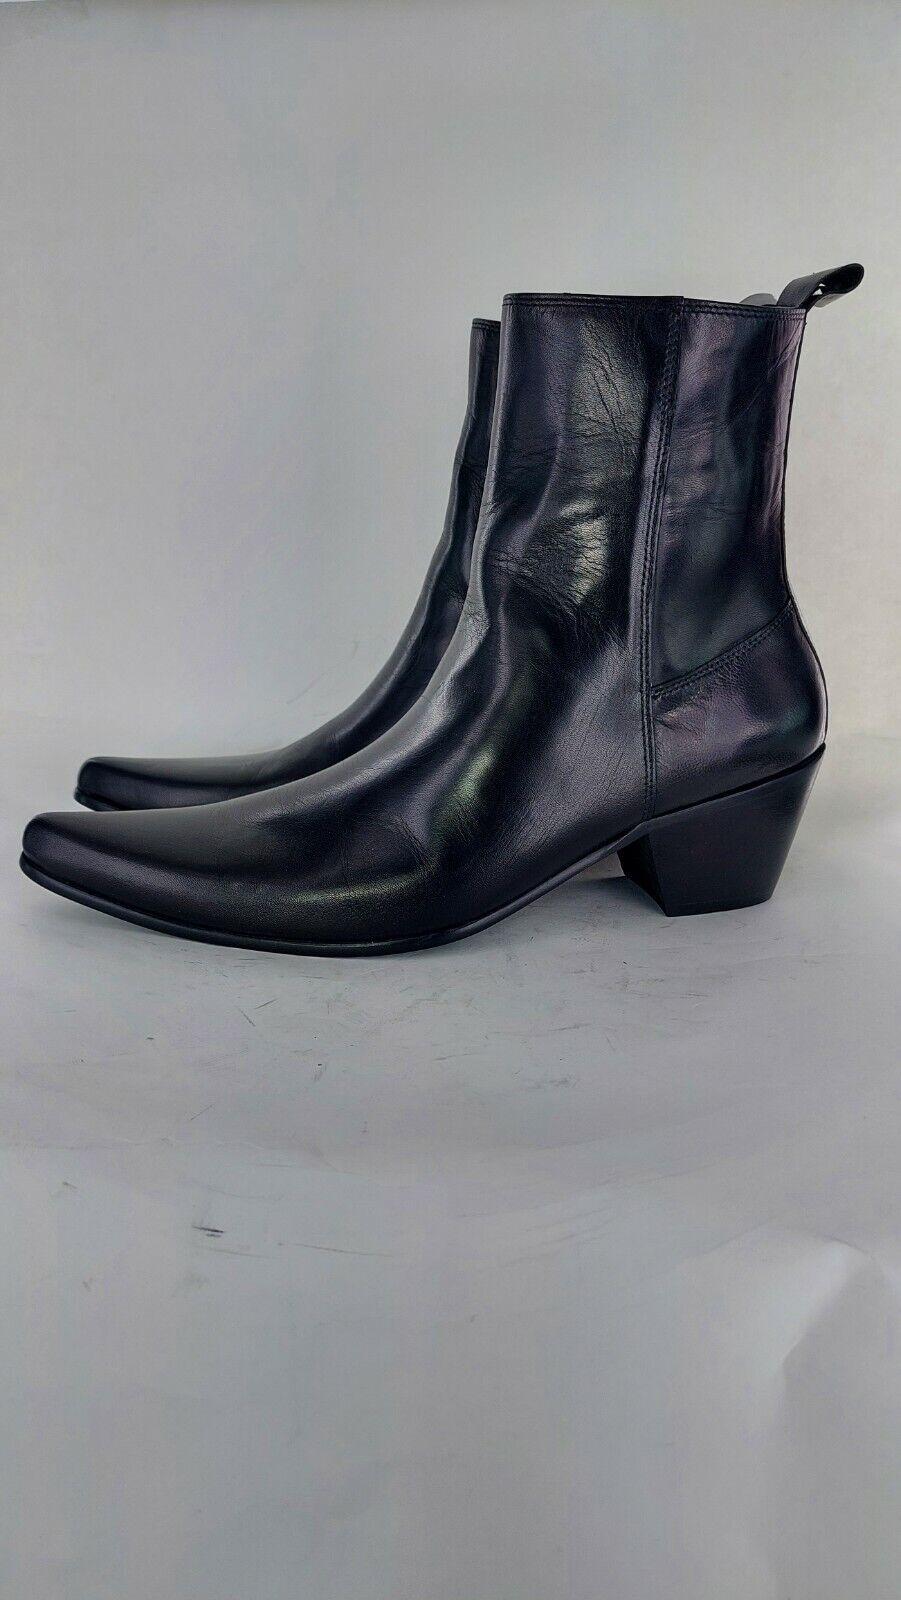 Club Cubano LENNON Mens Formal Leather Winklepicker Cuban Heel Boots Uk 9#834